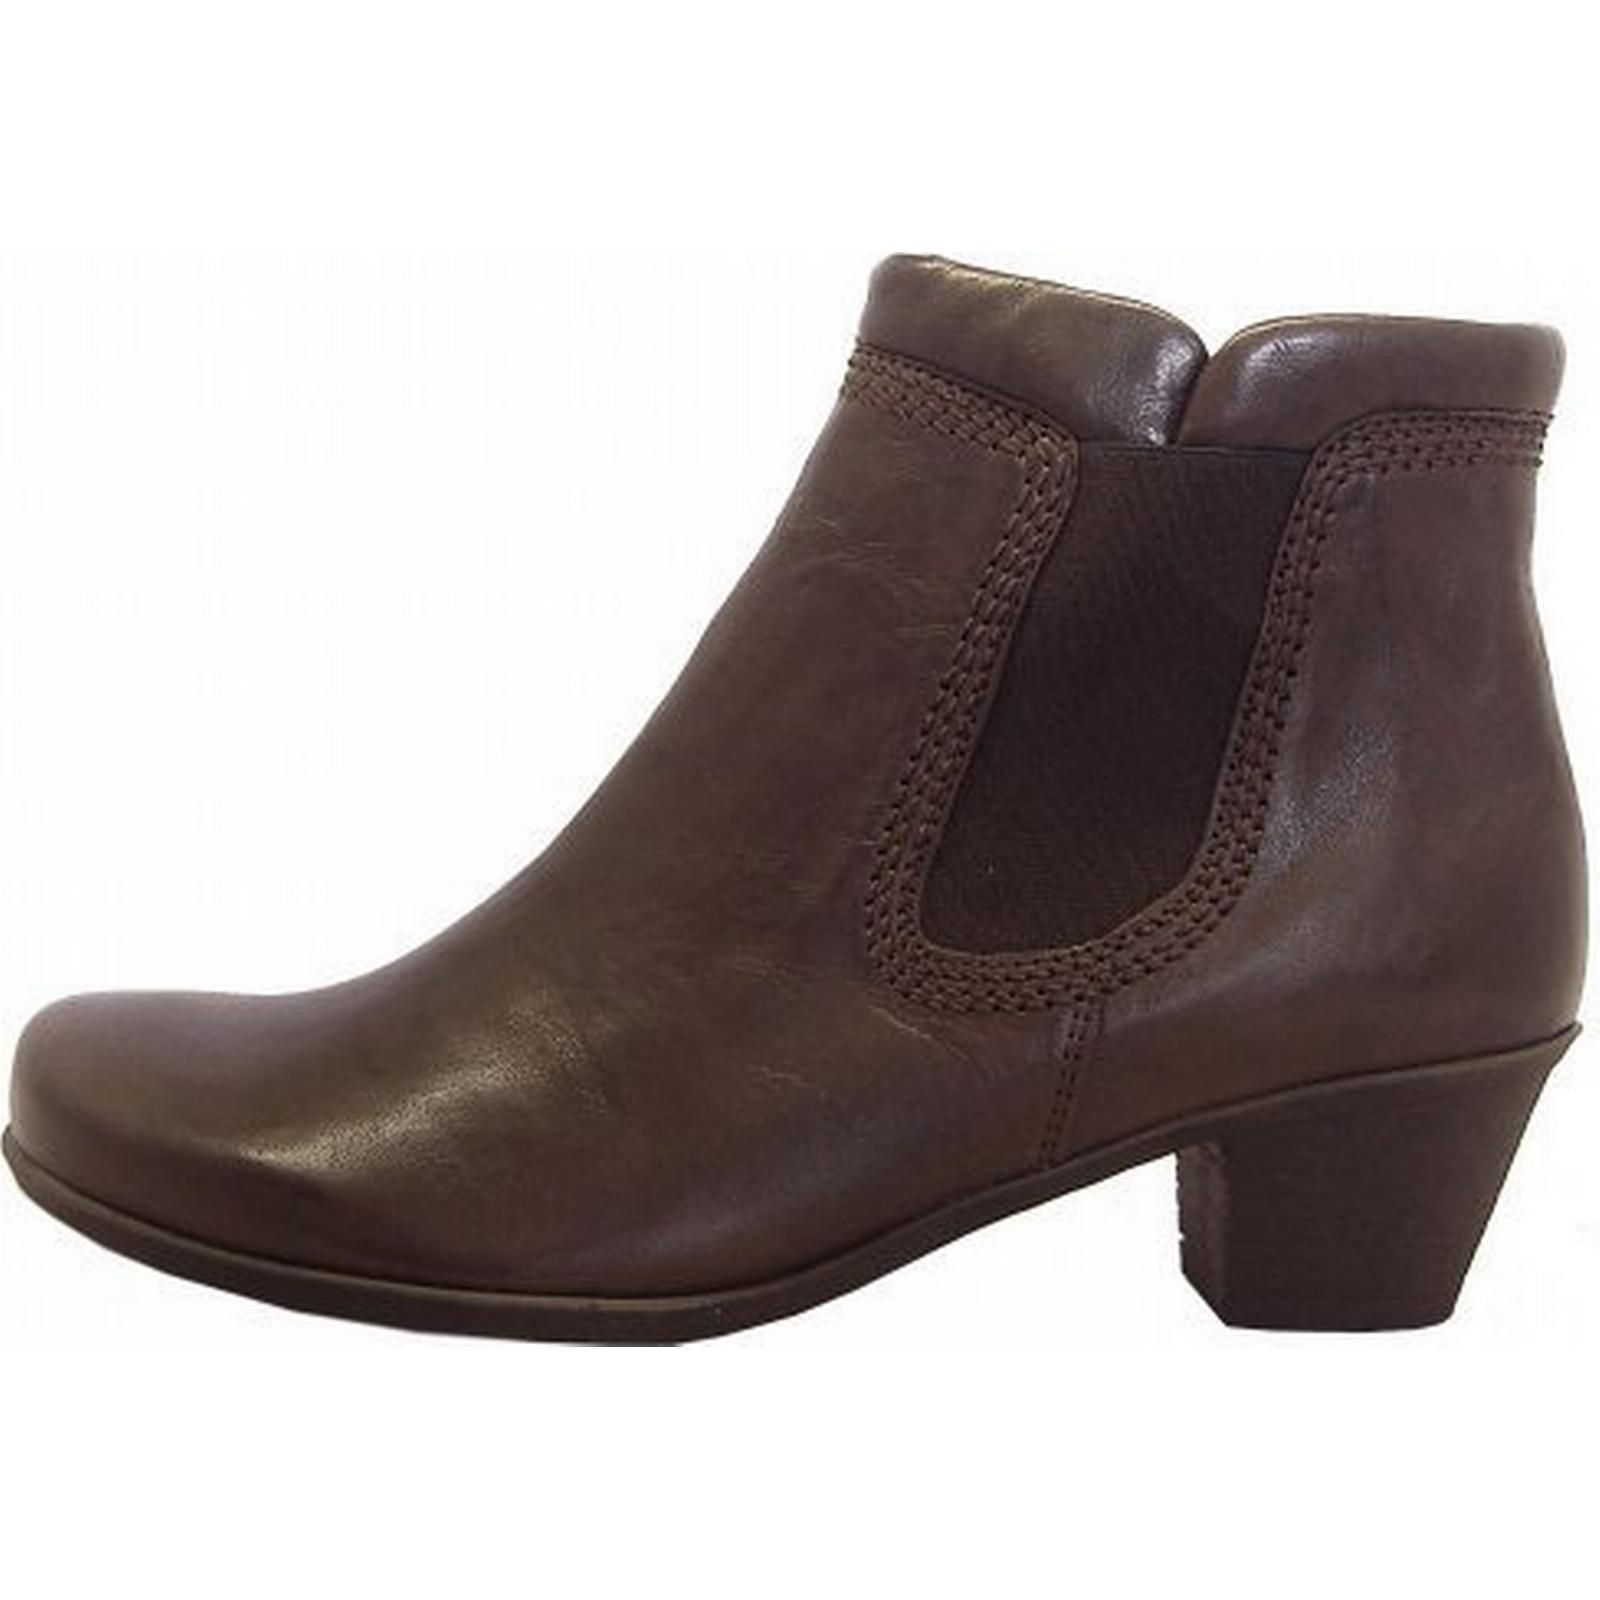 gabor bien bottes faible taille de bottes bien à talon brun: 3, couleur: e6341c